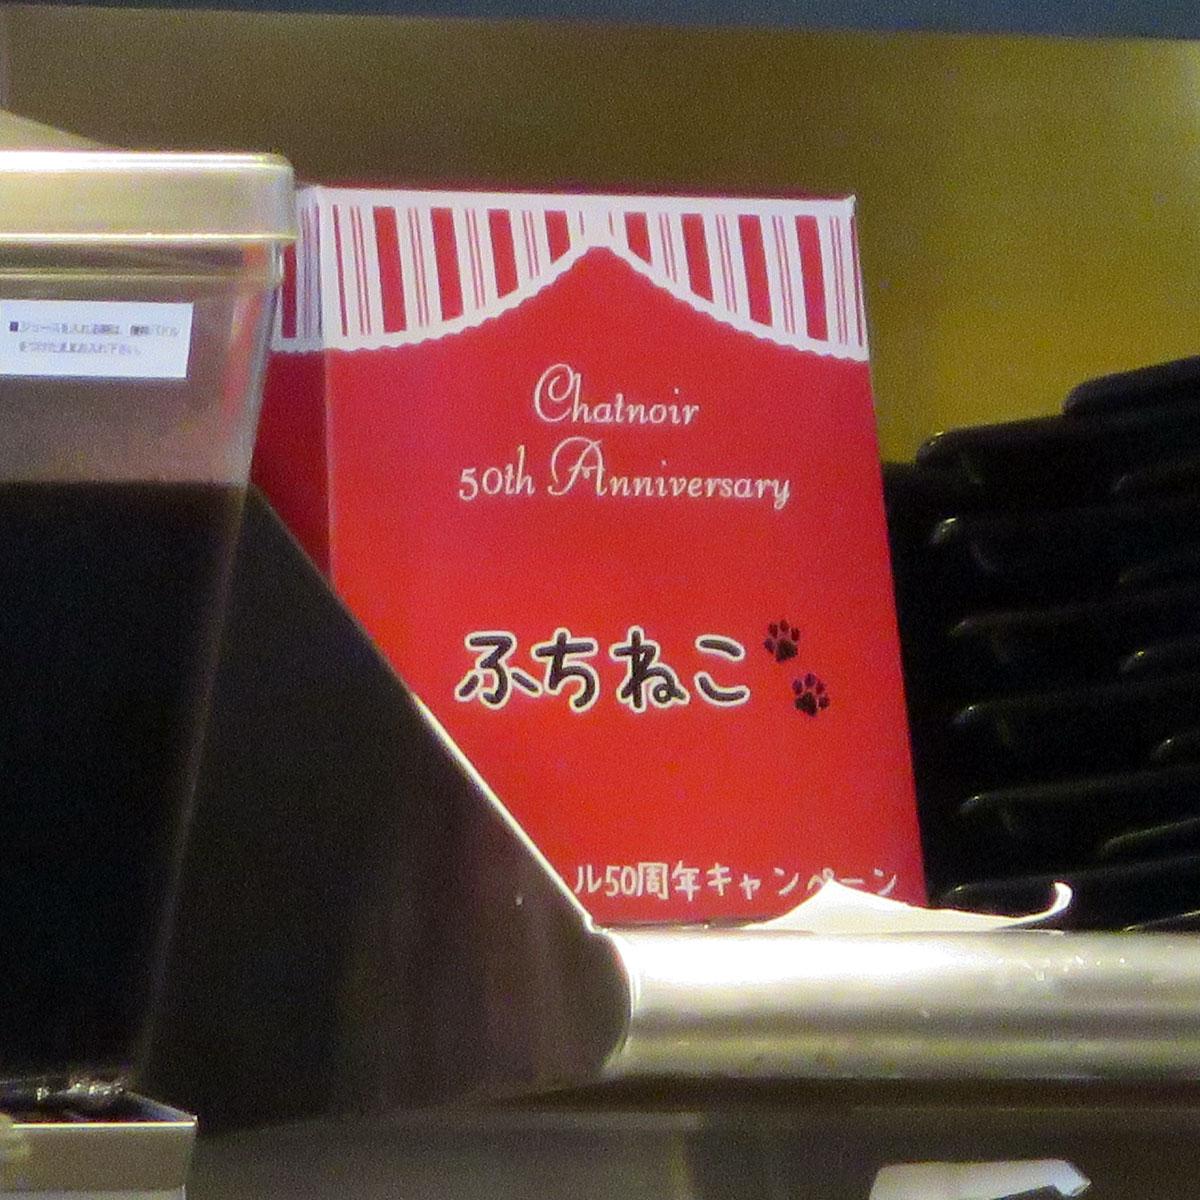 シャノアール50周年キャンペーン「ふちねこ」プレゼント